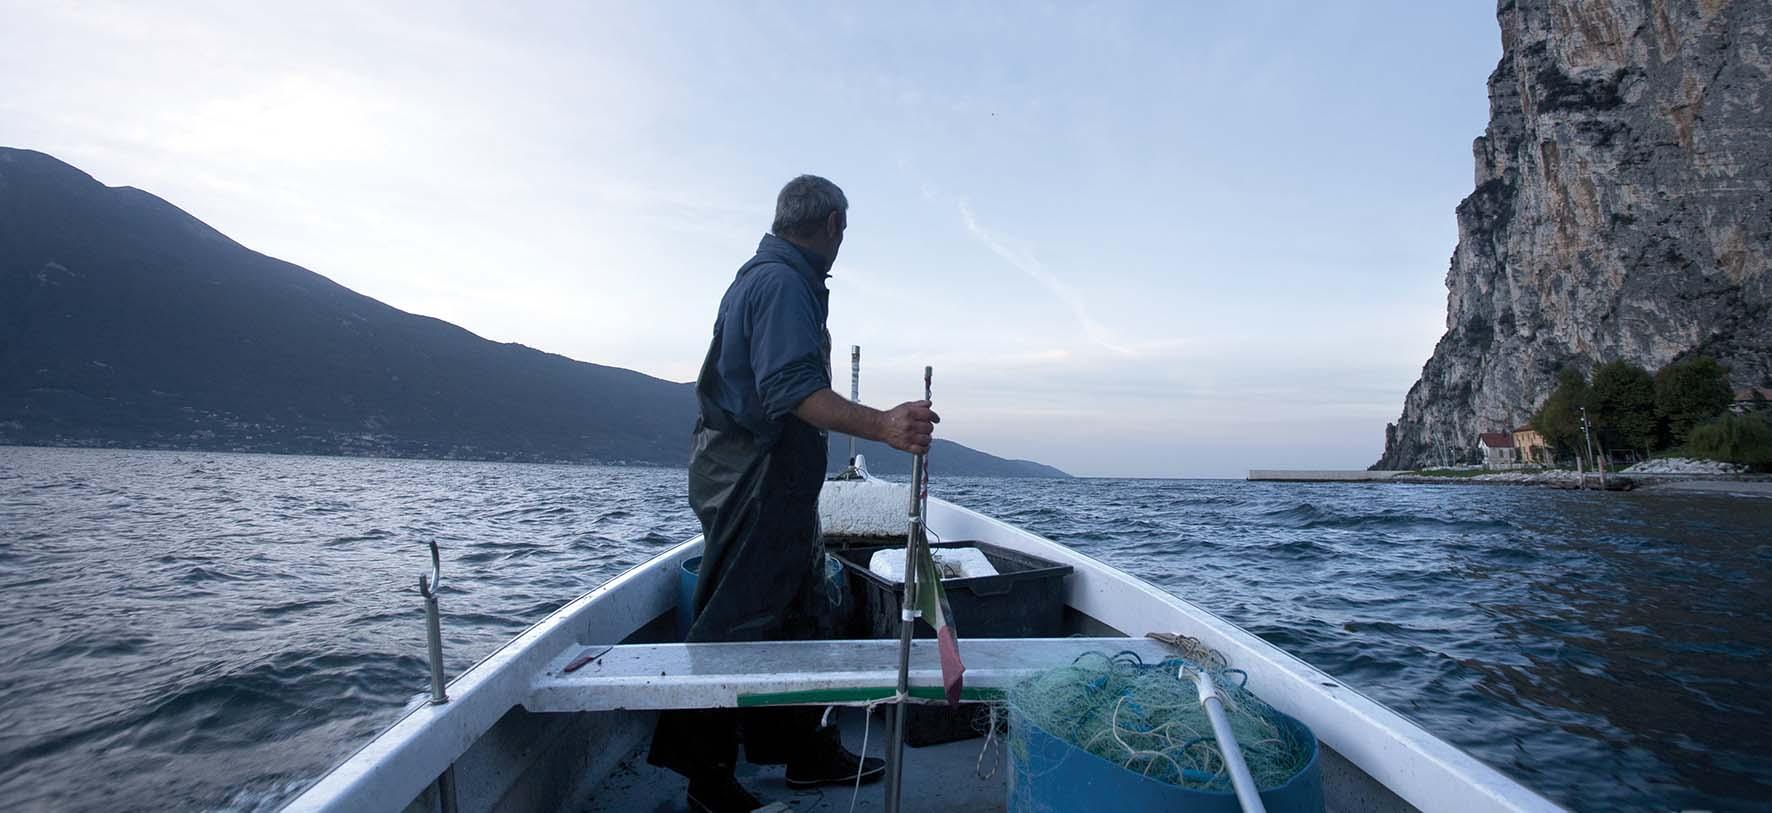 pesca carpione correnti del lago garda foto paolo andrea montanaro